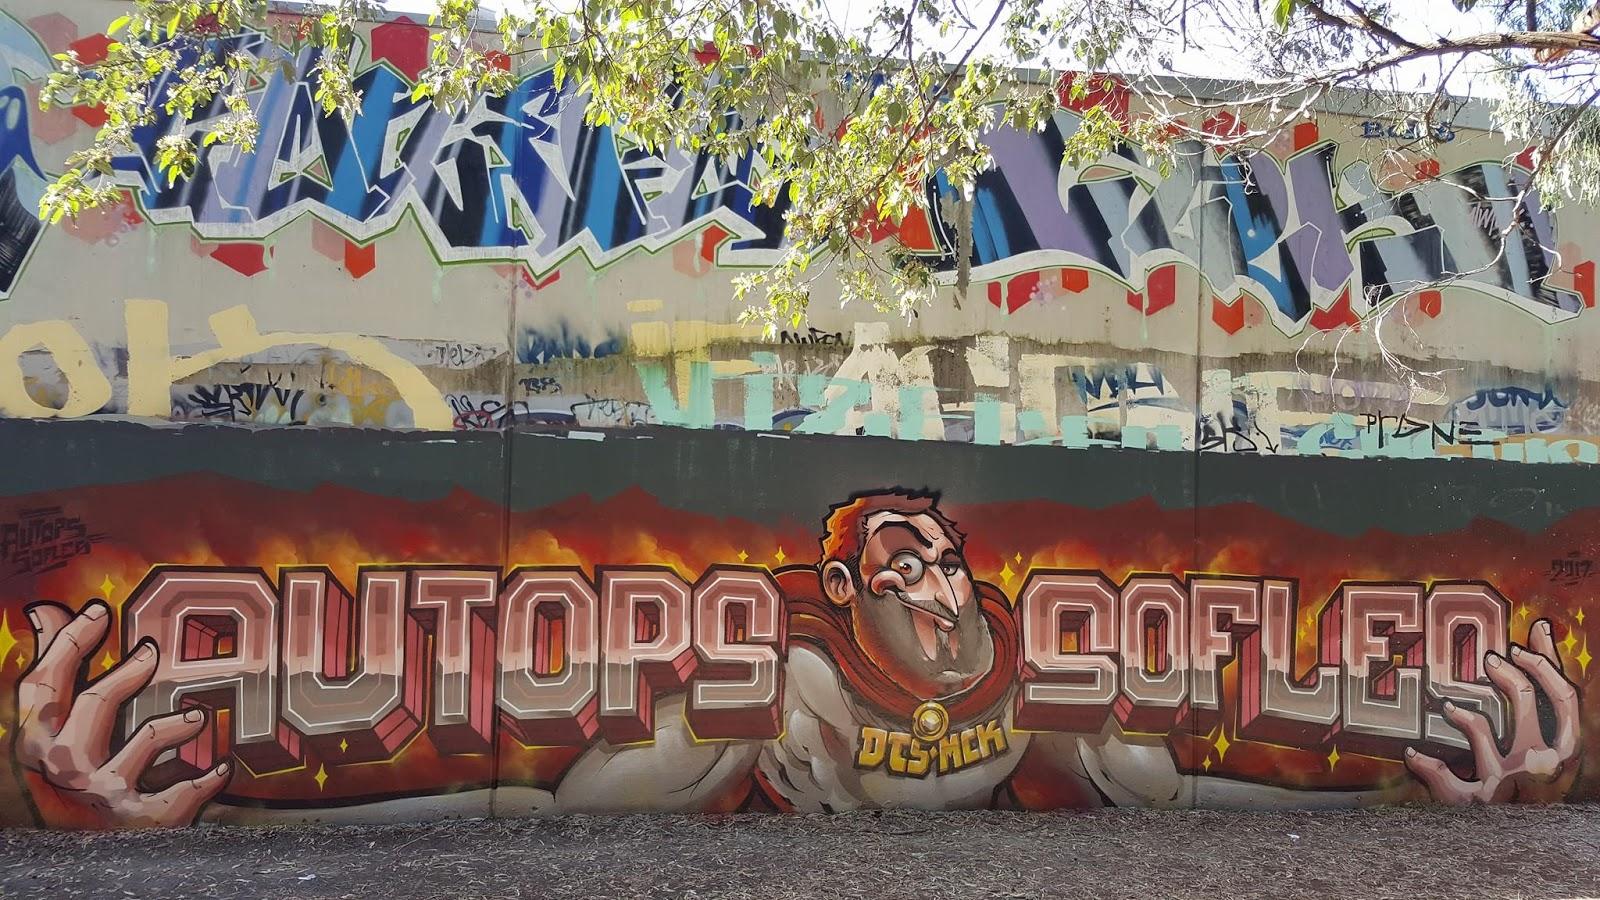 Vous You Vous Some Aussie Graffiti Flavour Koc Wca Dts Sofles Lush Devo Avske Brisbane Sydney And Melbourne